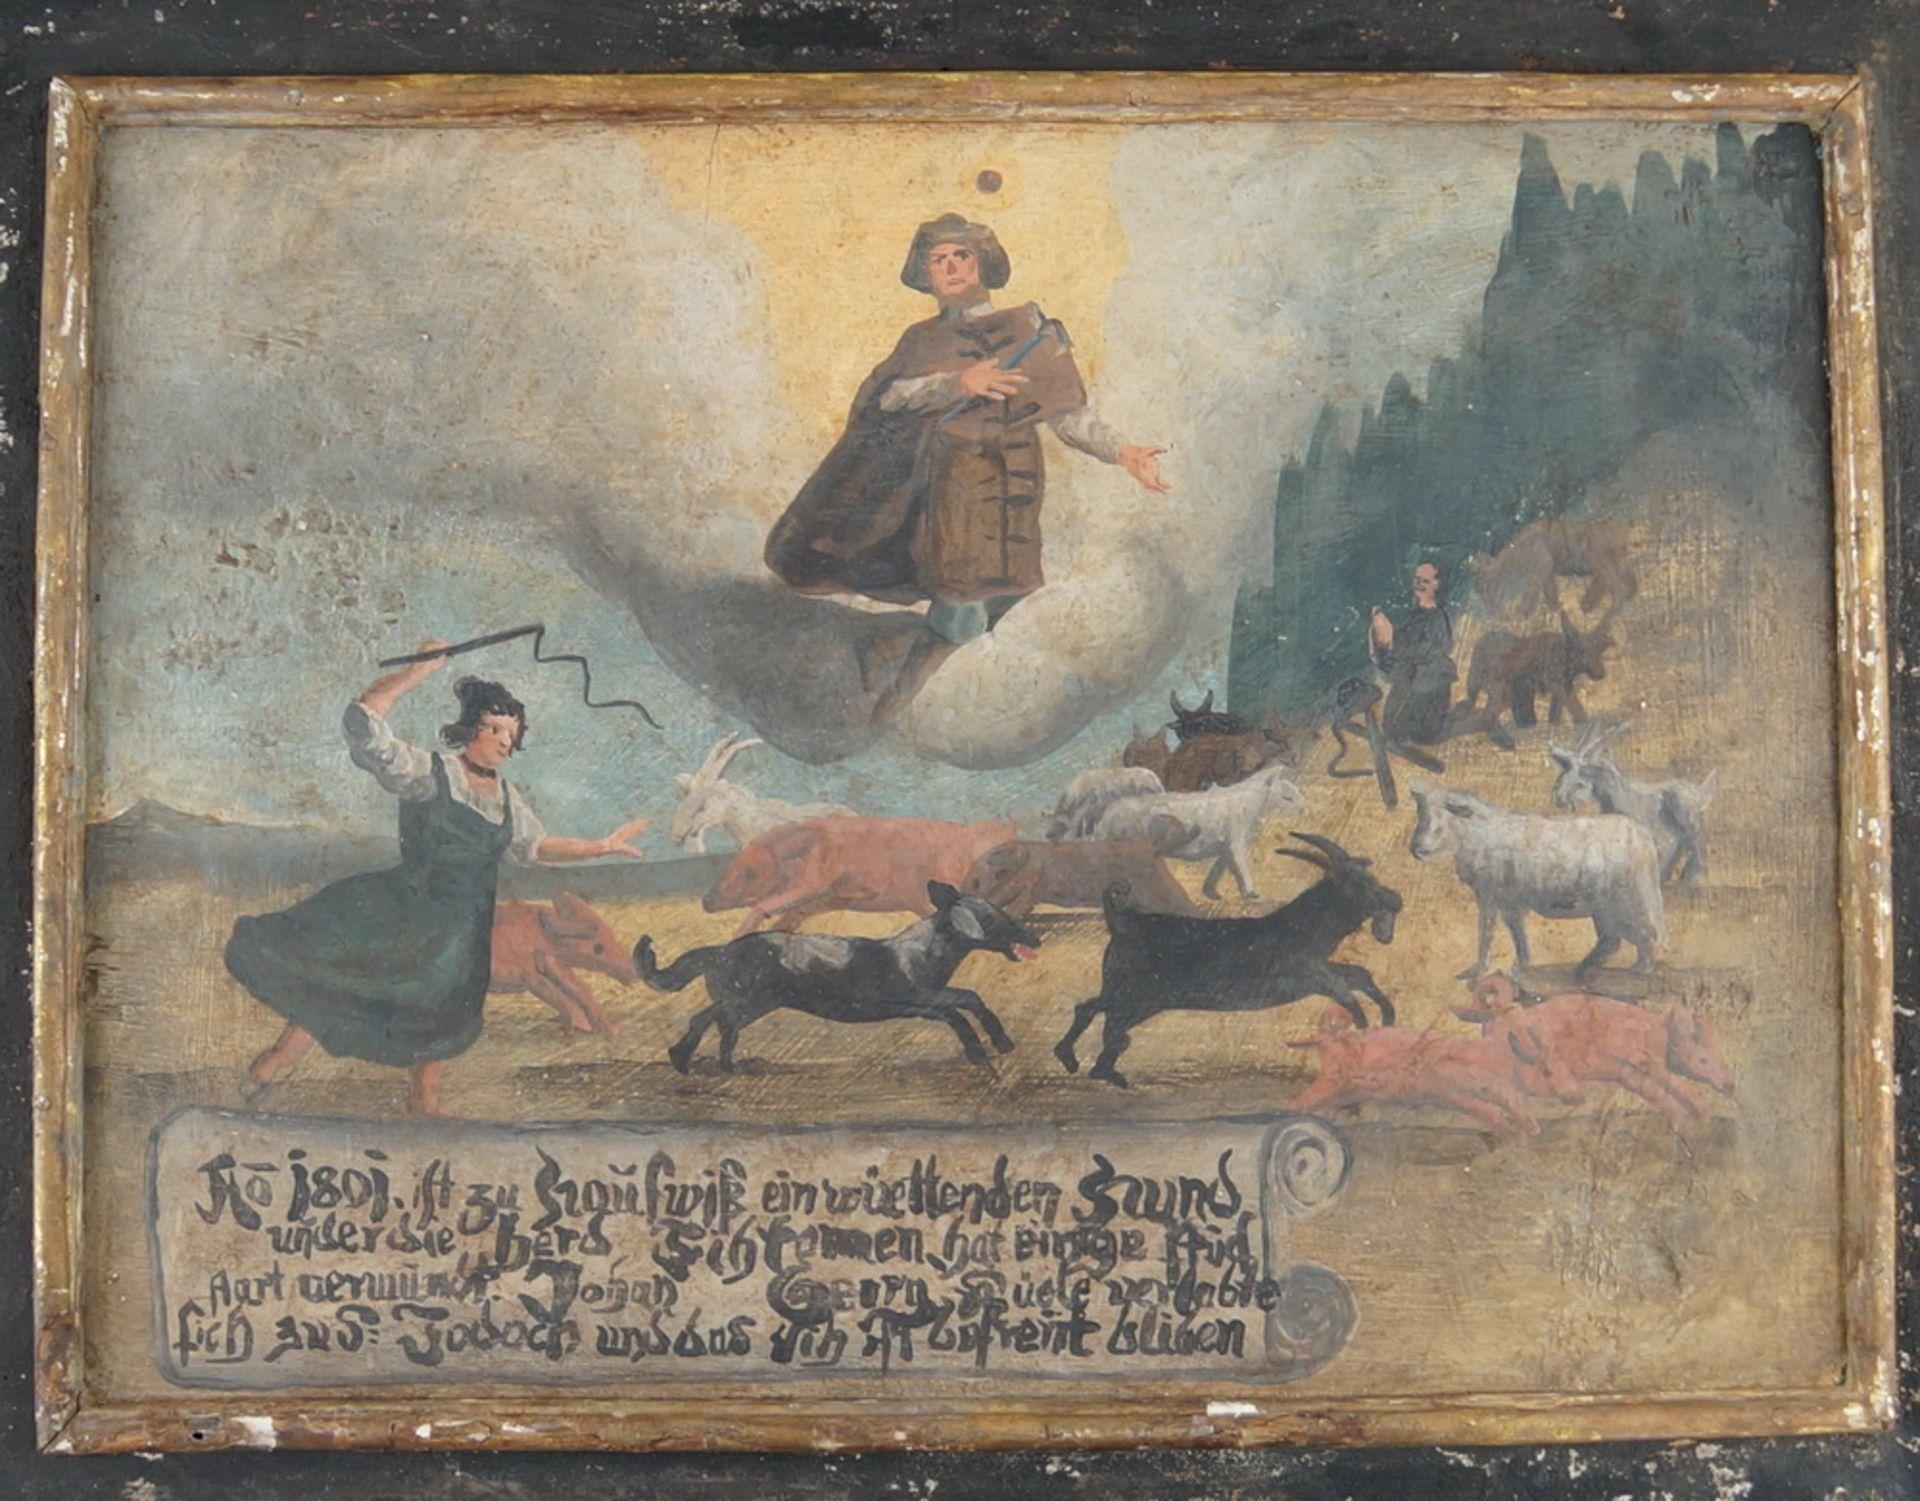 Grosse Votivtafel, Holz bemalt, datiert 1801 mit Sinnspruch, 45,5x58cm - Bild 2 aus 5